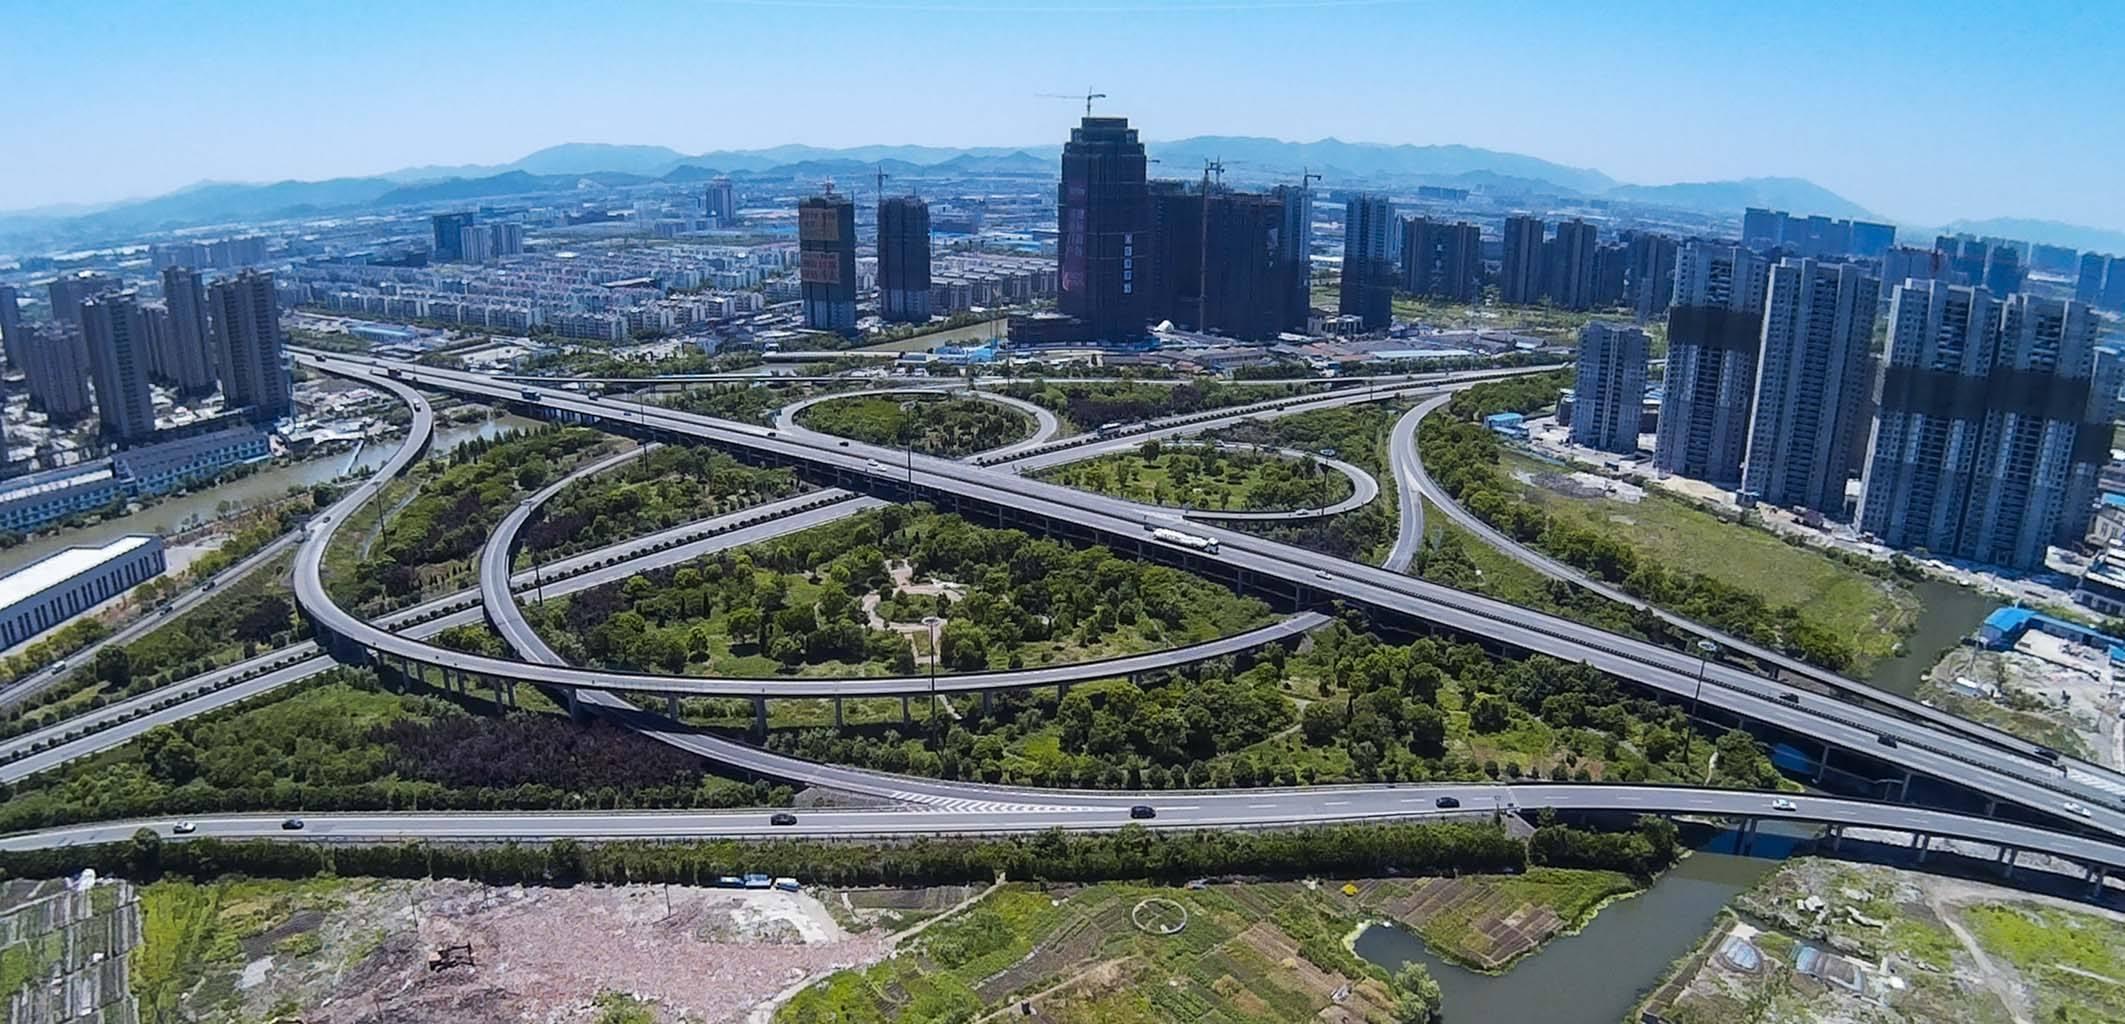 新闻解读:宁波经济发展含金量高 澎湃前行